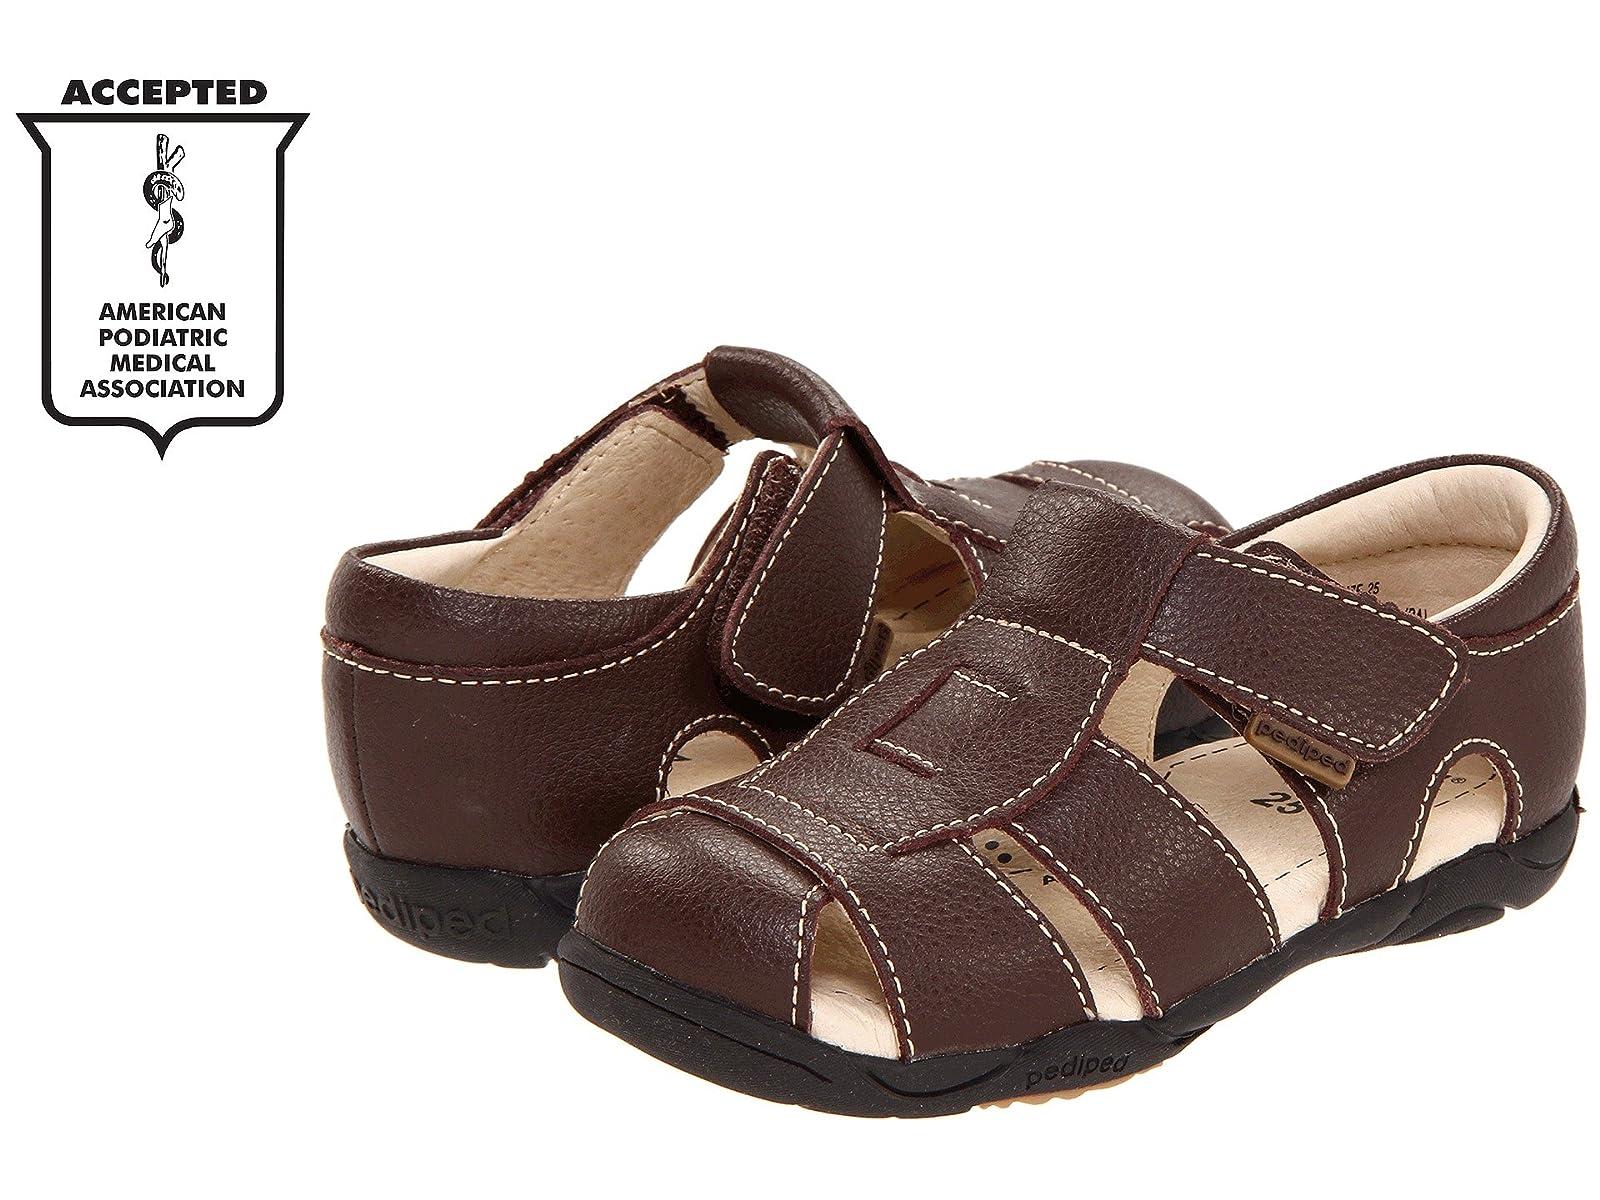 pediped Sydney Flex (Toddler/Little Kid)Atmospheric grades have affordable shoes